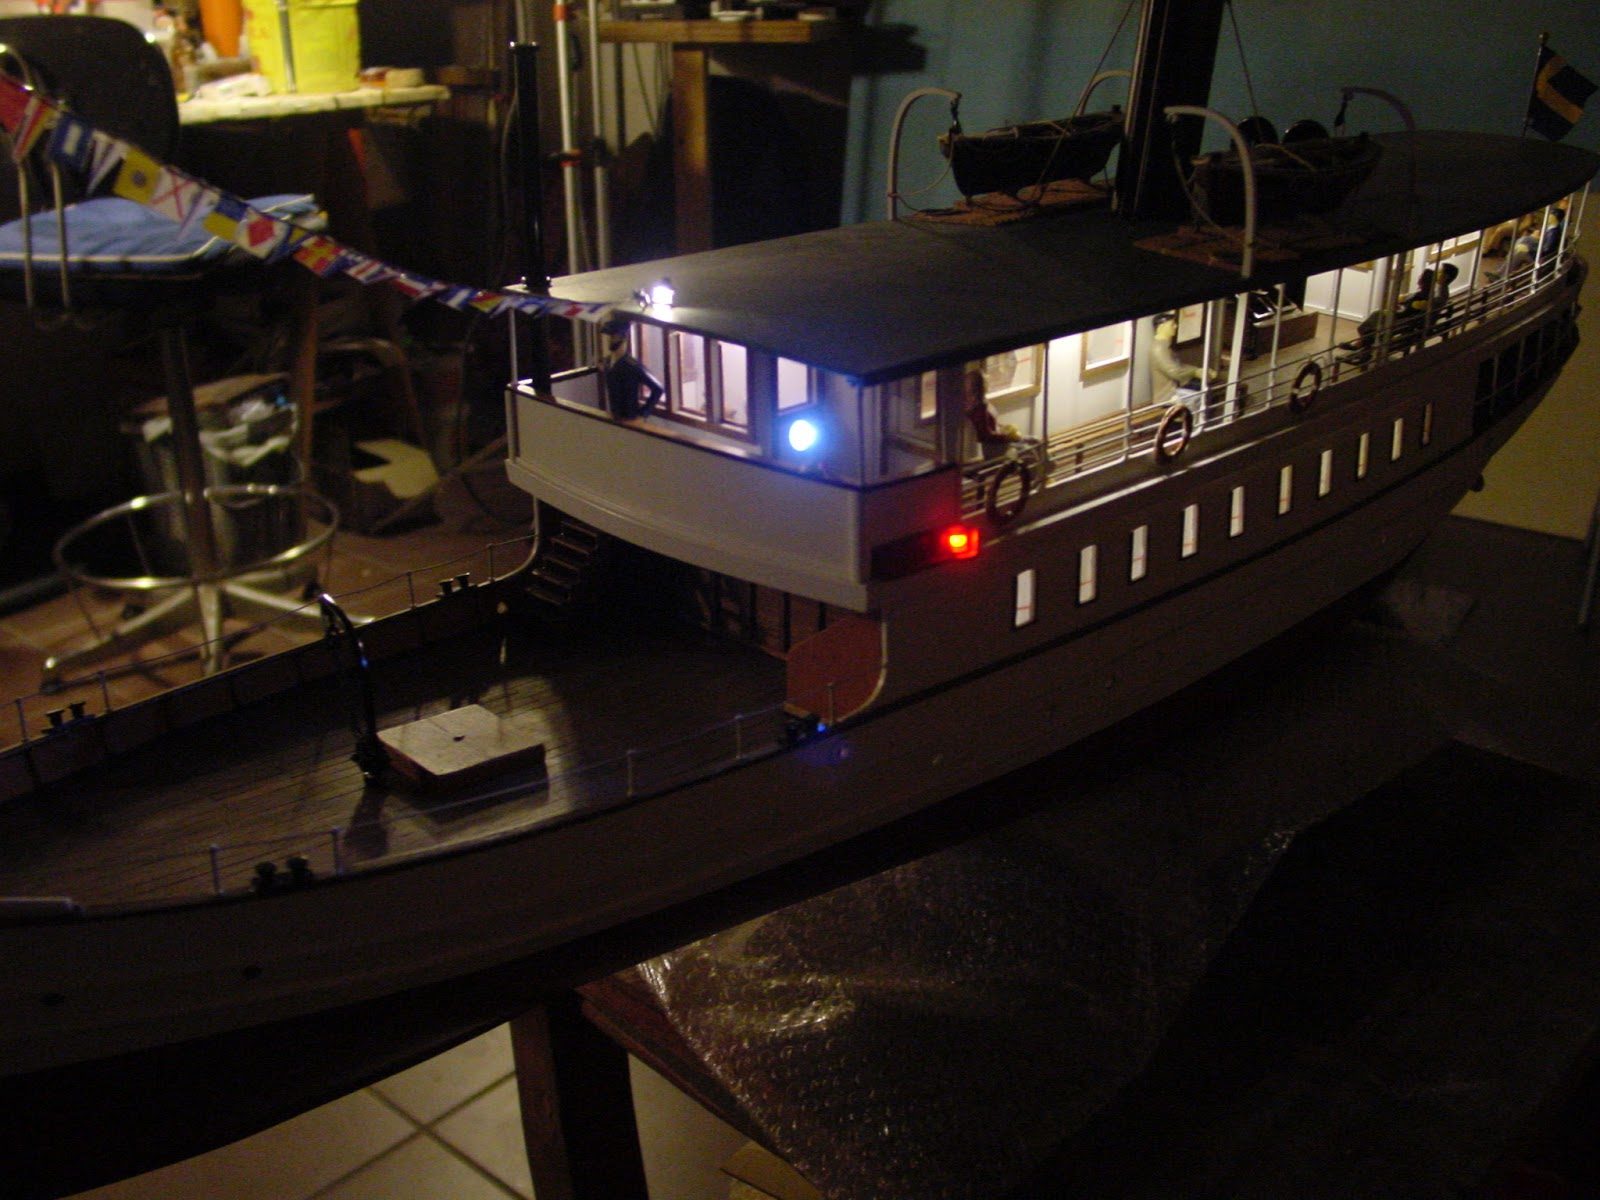 Illuminazione per modellismo navale: luci per modellismo cuteroom